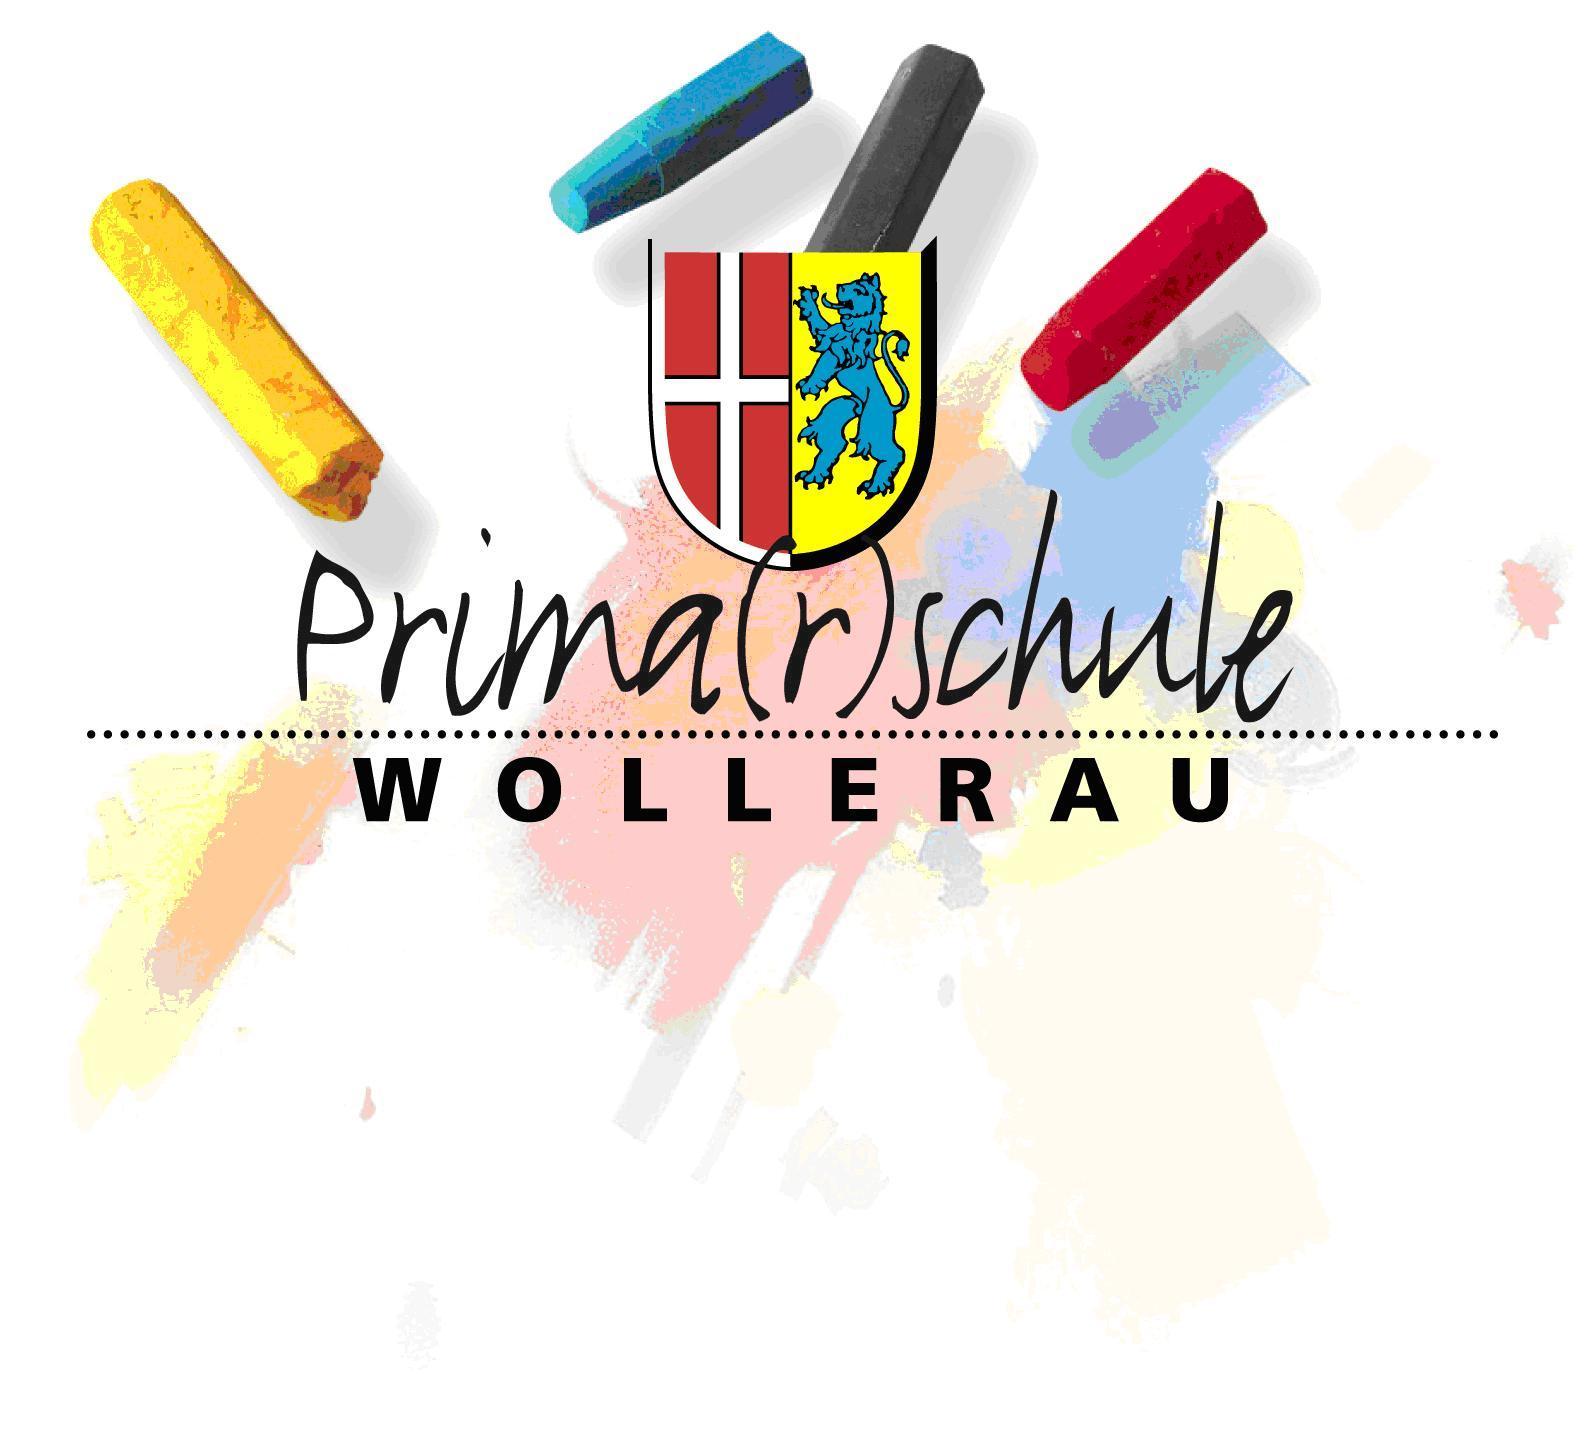 Primarschule Wollerau